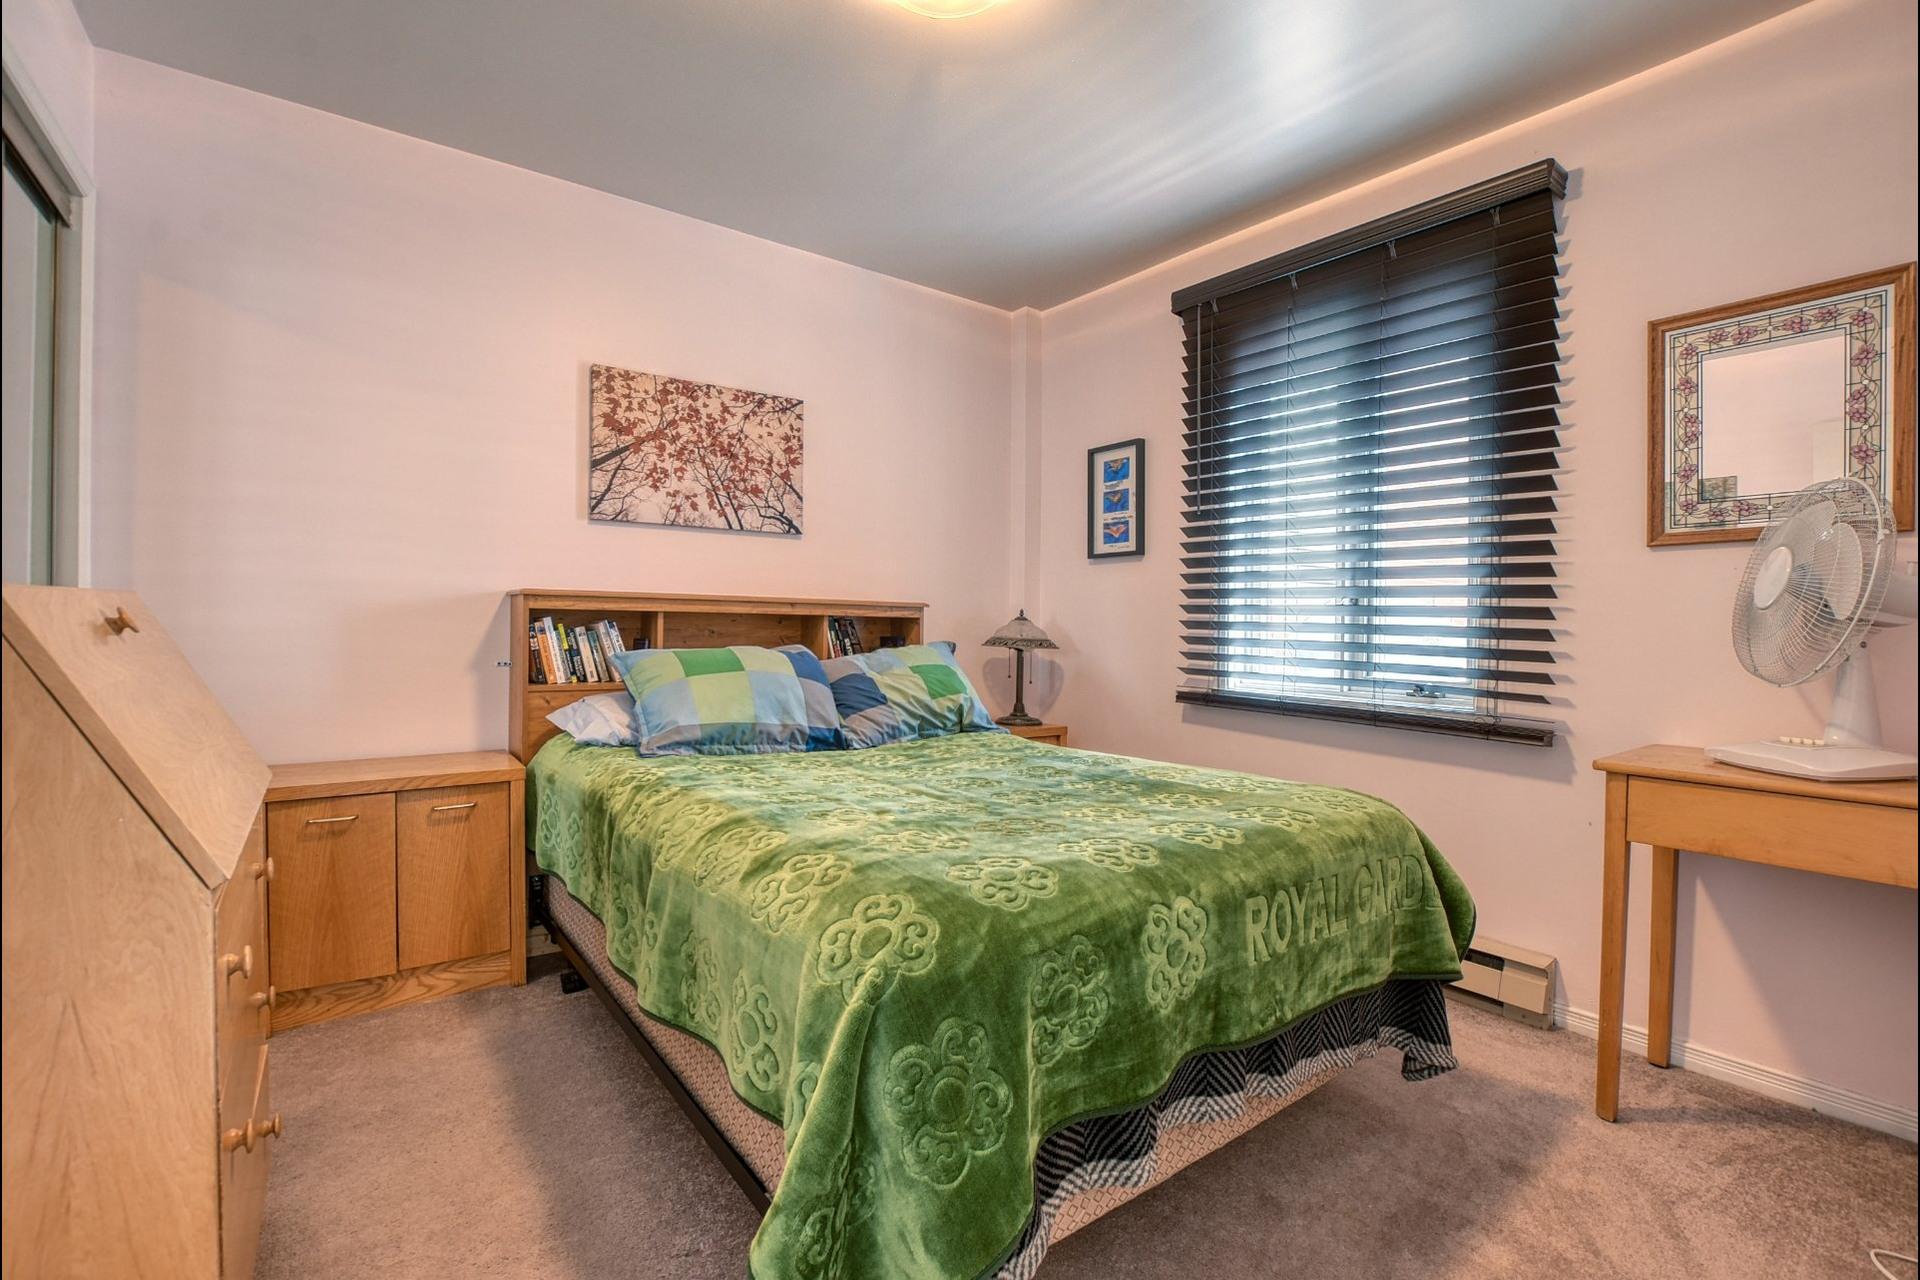 image 10 - Appartement À vendre Le Plateau-Mont-Royal Montréal  - 5 pièces